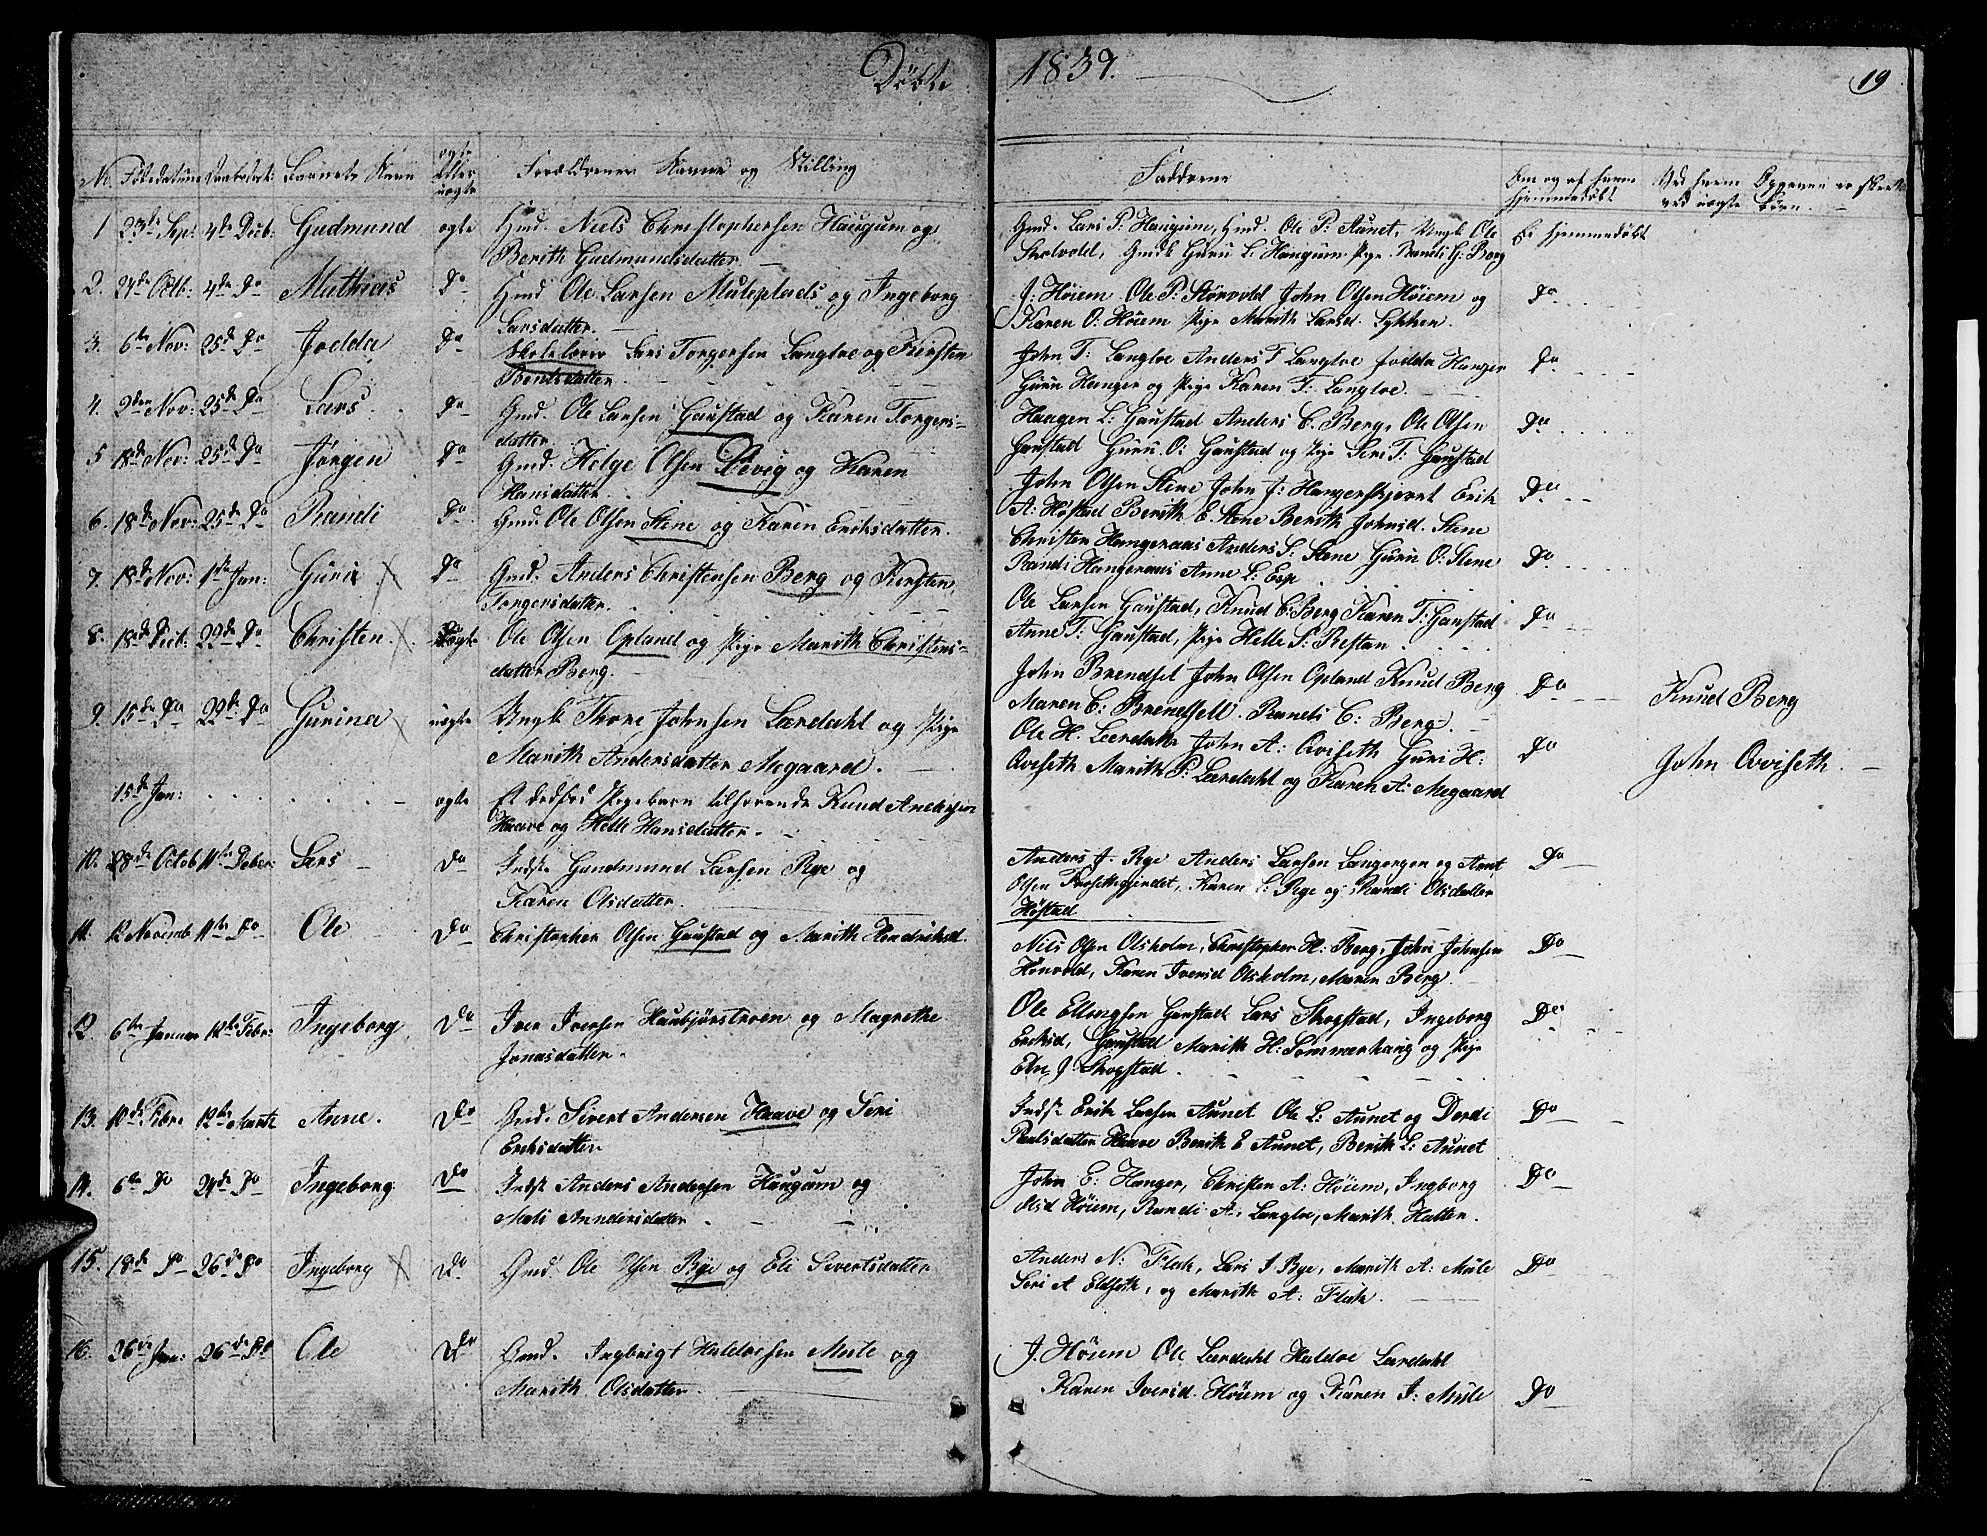 SAT, Ministerialprotokoller, klokkerbøker og fødselsregistre - Sør-Trøndelag, 612/L0386: Klokkerbok nr. 612C02, 1834-1845, s. 19